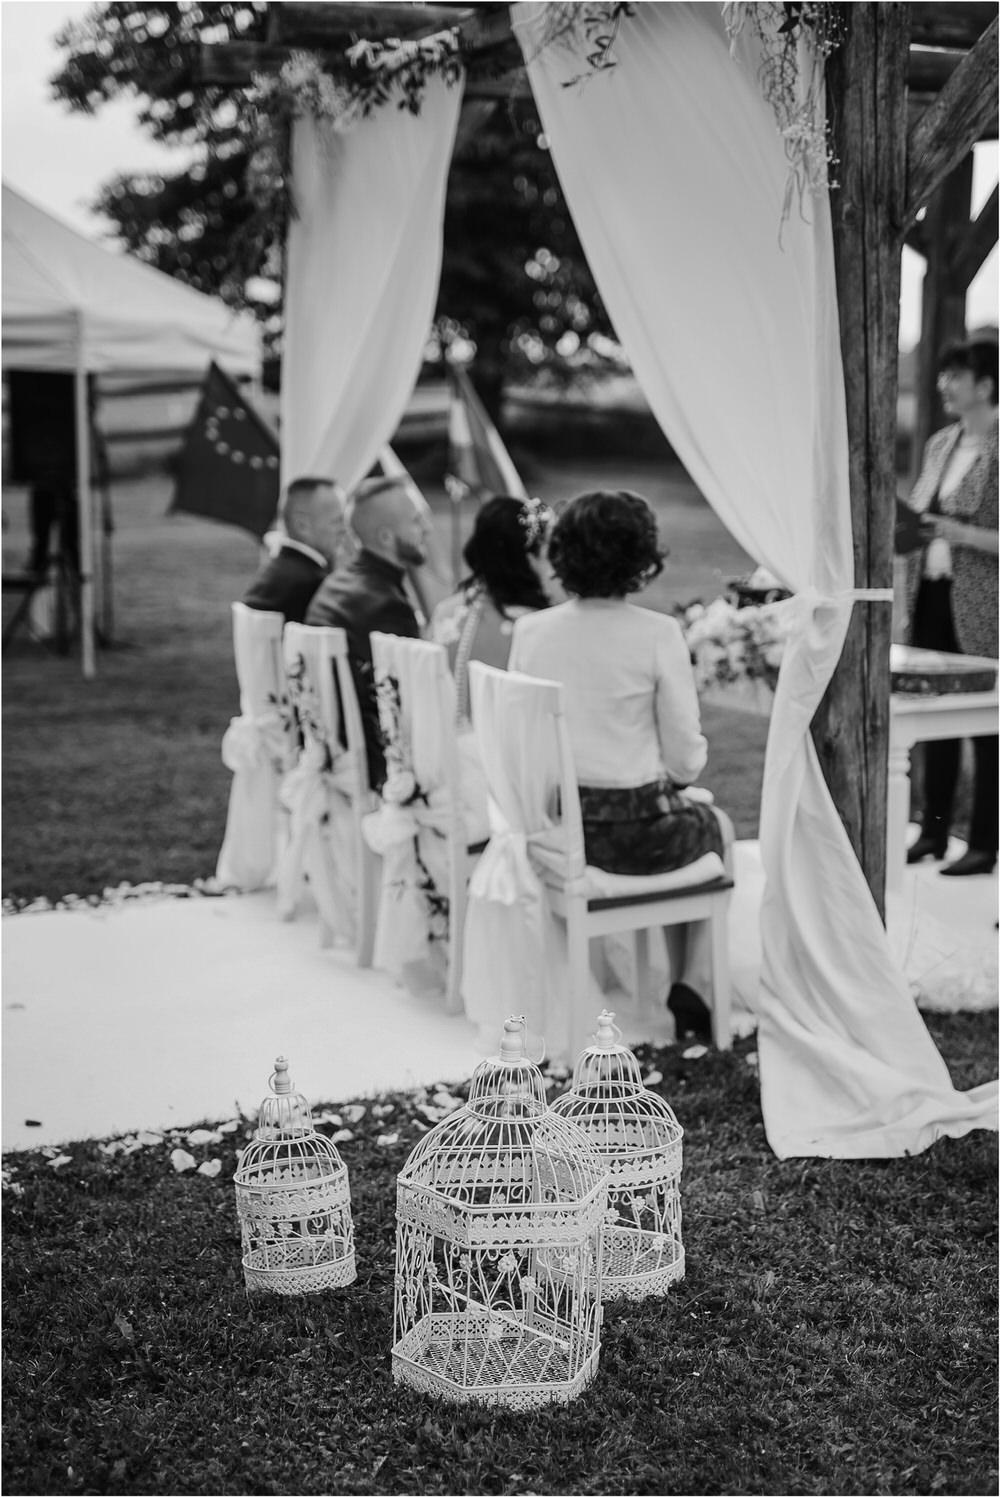 skedenj poroka porocni fotograf fotografiranje elegantna poroka rustikalna poroka pod kozolcem pcakes velesovo mdetail nika grega 0056.jpg